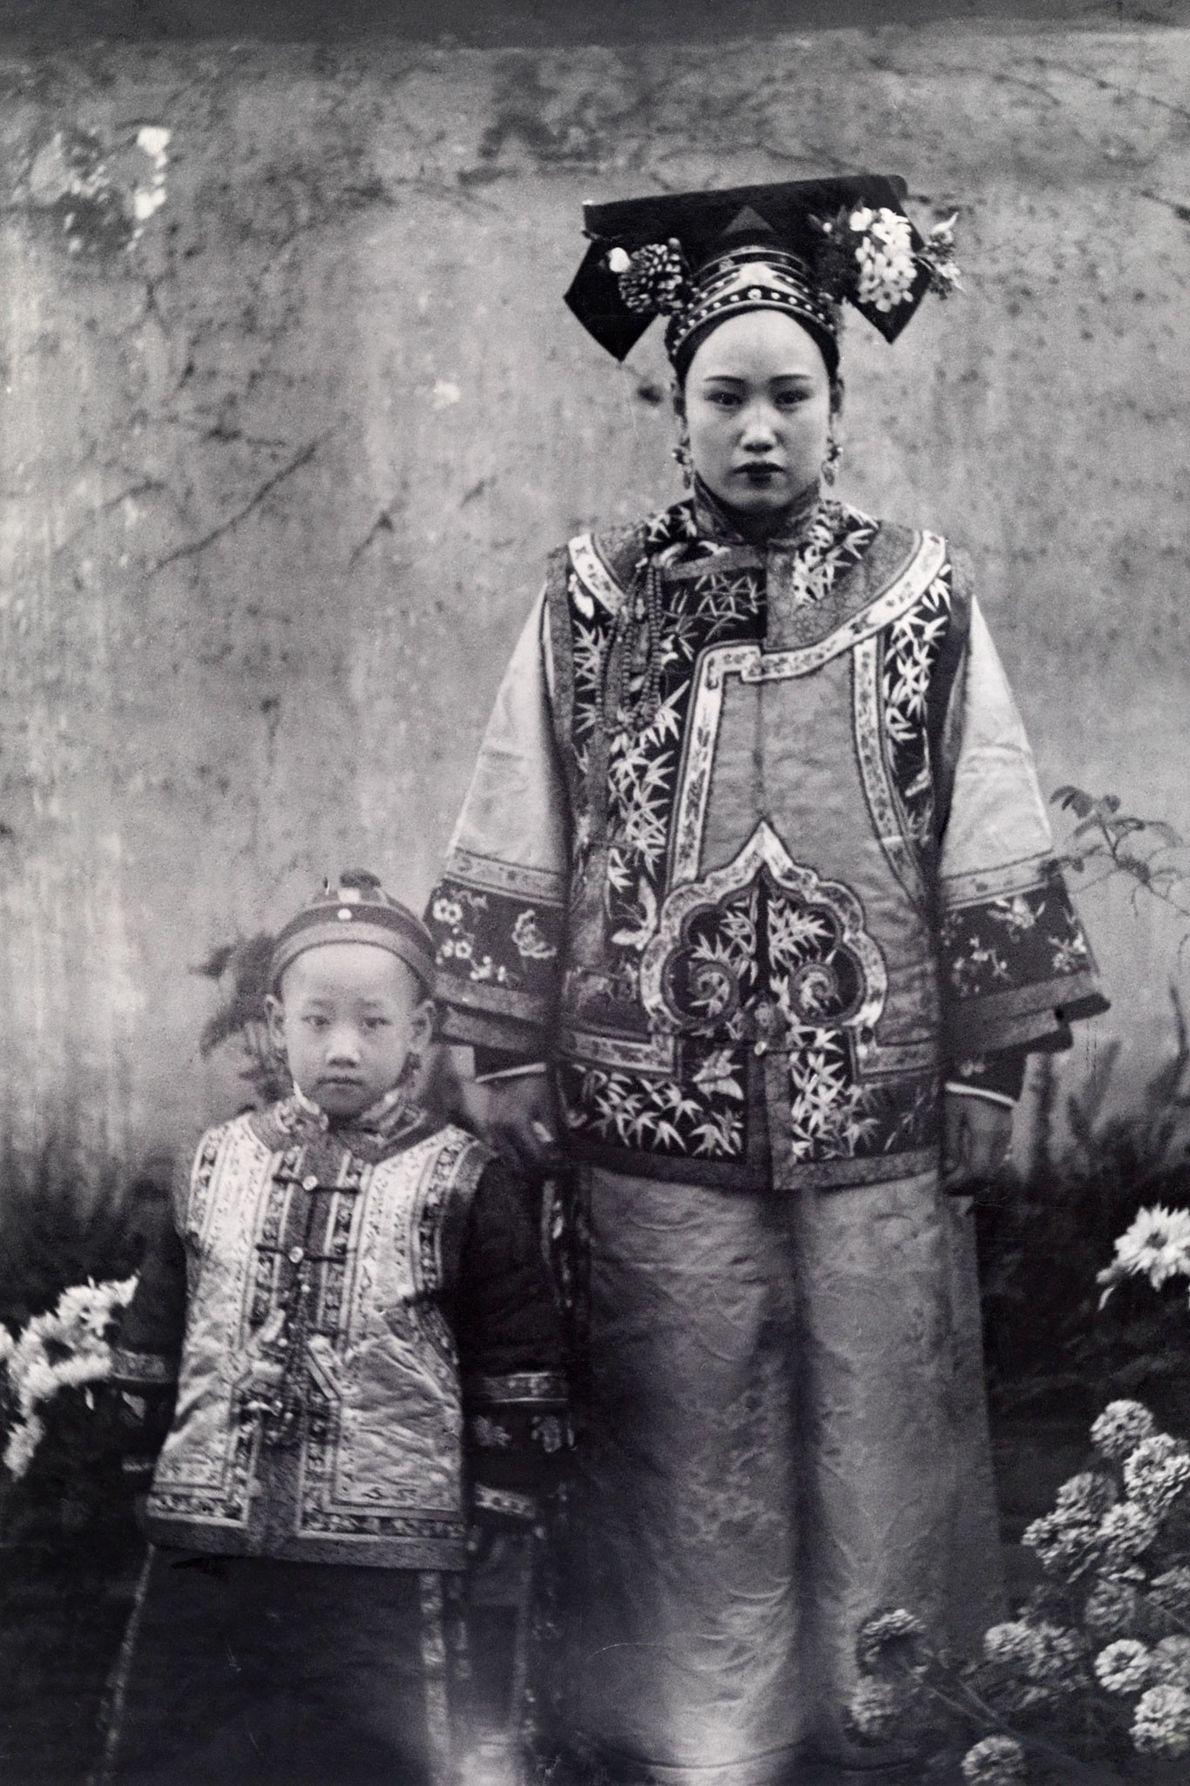 Une mère chinoise et son enfant portent des vêtements traditionnels de la région de Mandchourie en ...